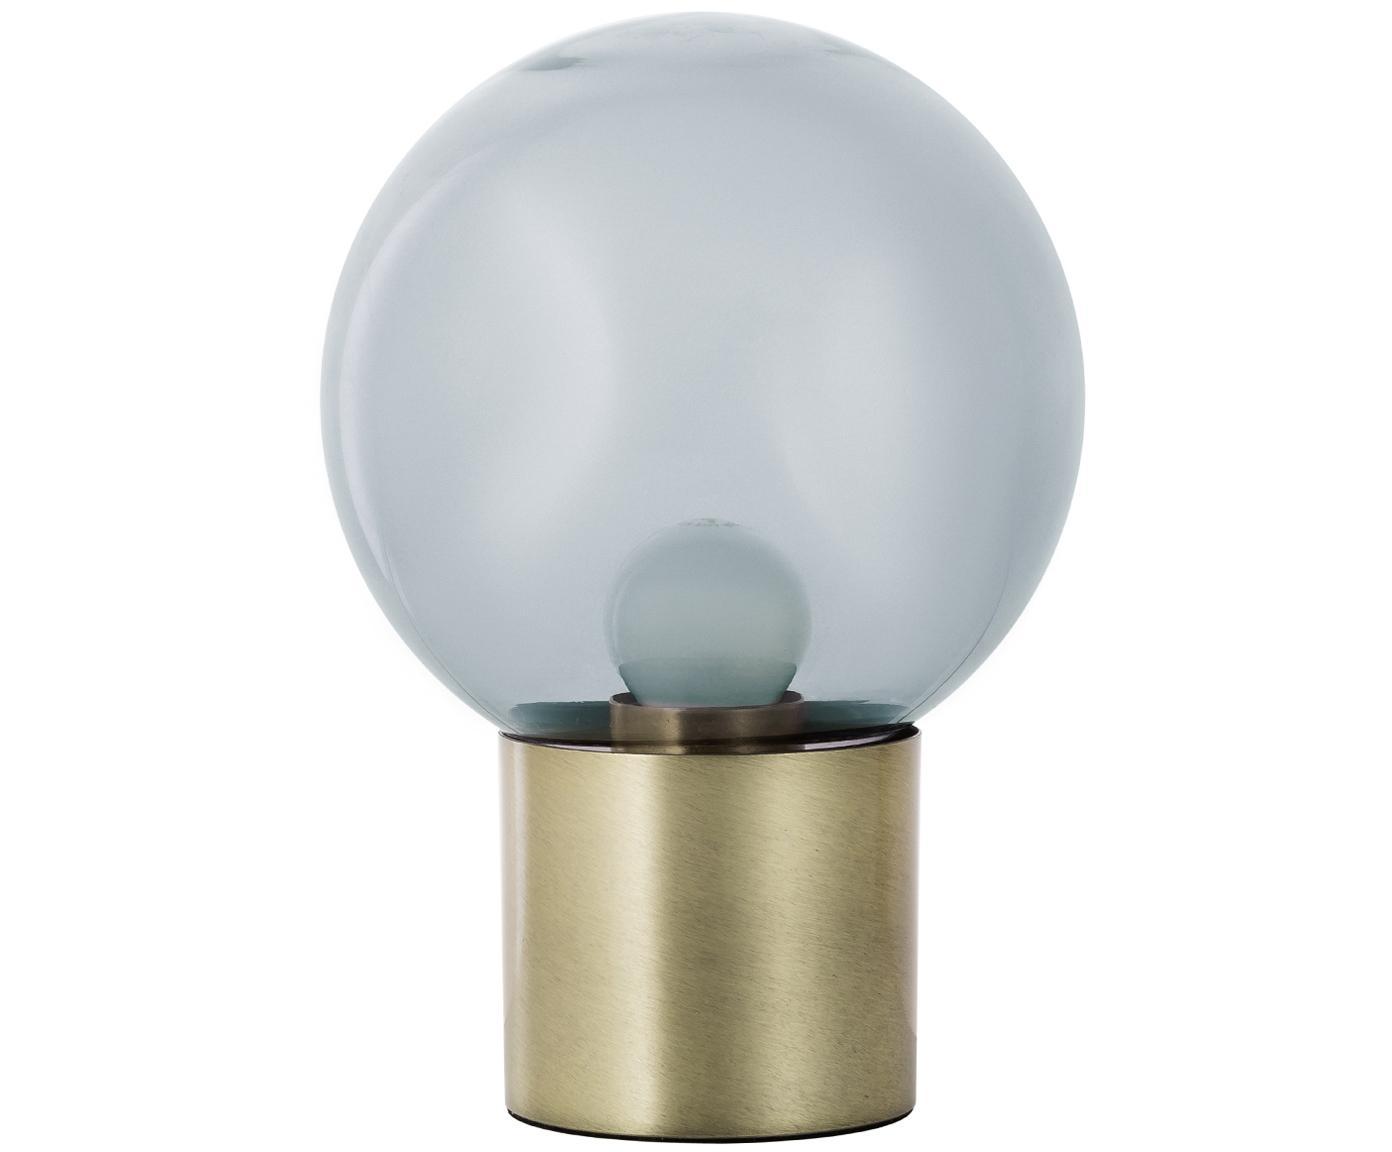 Tischleuchte Lark aus Glas, Lampenschirm: Glas, Lampenfuß: Metall, gebürstet, Lampenschirm: Grau, transparent Lampenfuß: Messingfarben, matt, Ø 17 x H 24 cm